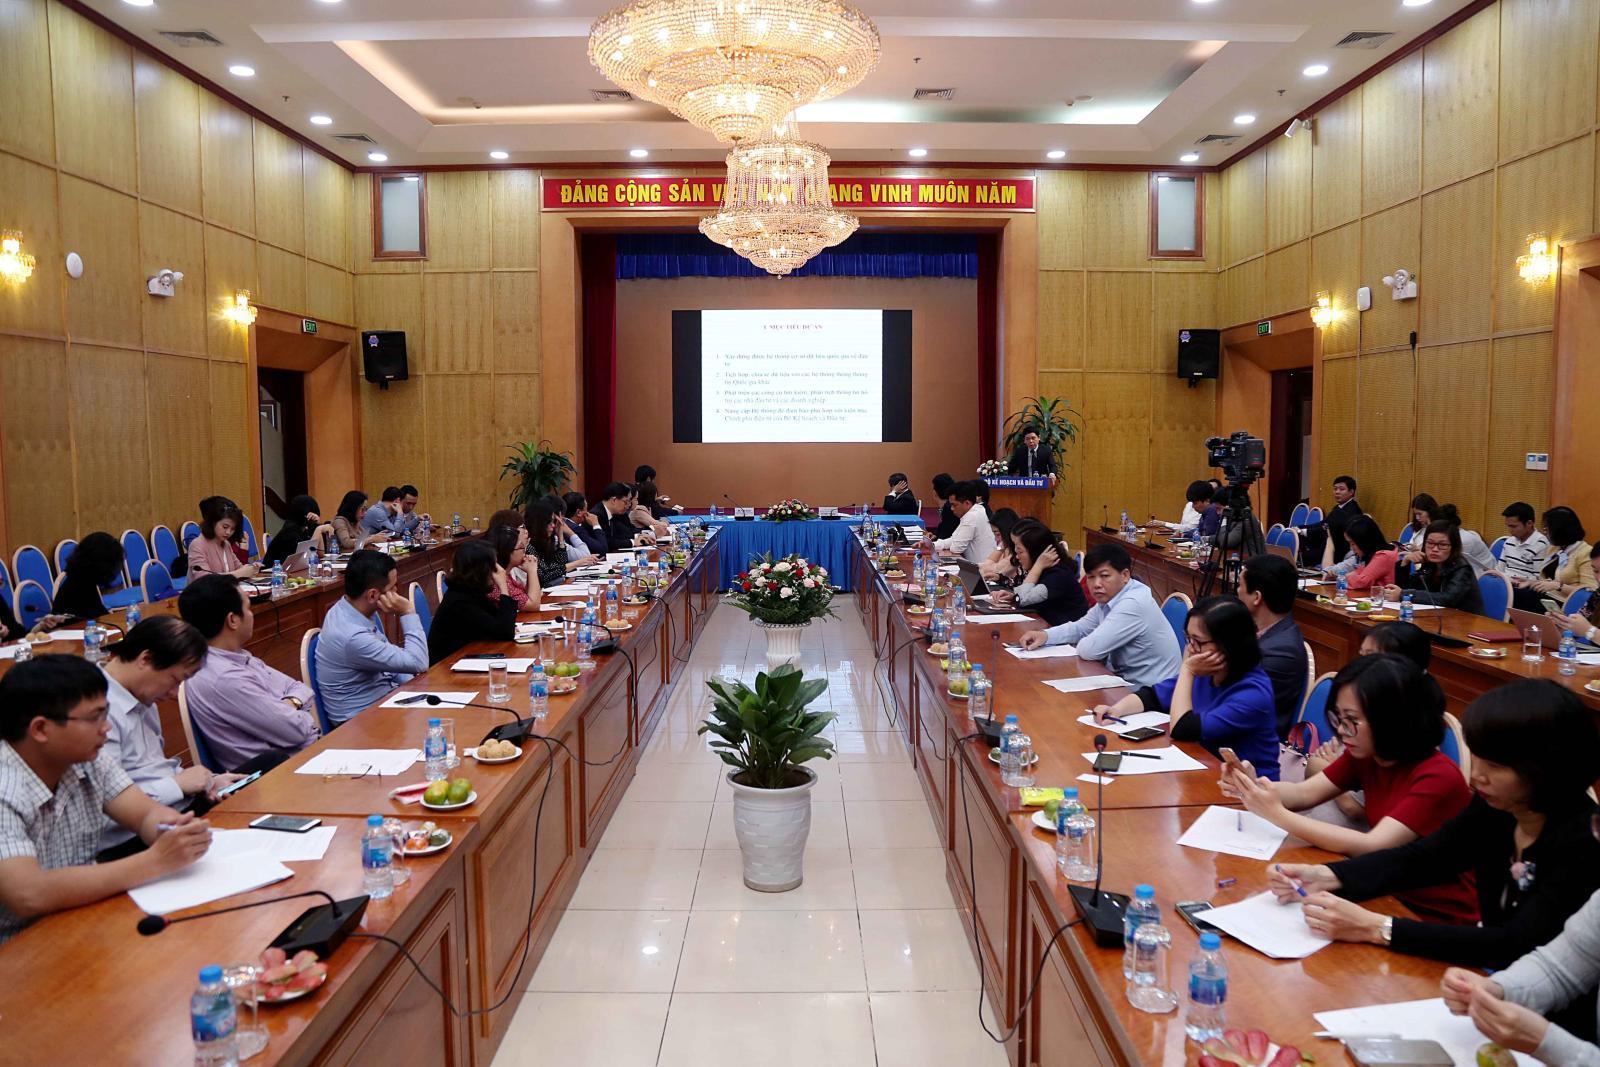 Lễ khởi động Dự án hỗ trợ kỹ thuật 'Nâng cấp và phát triển Hệ thống thông tin quốc gia về đầu tư'